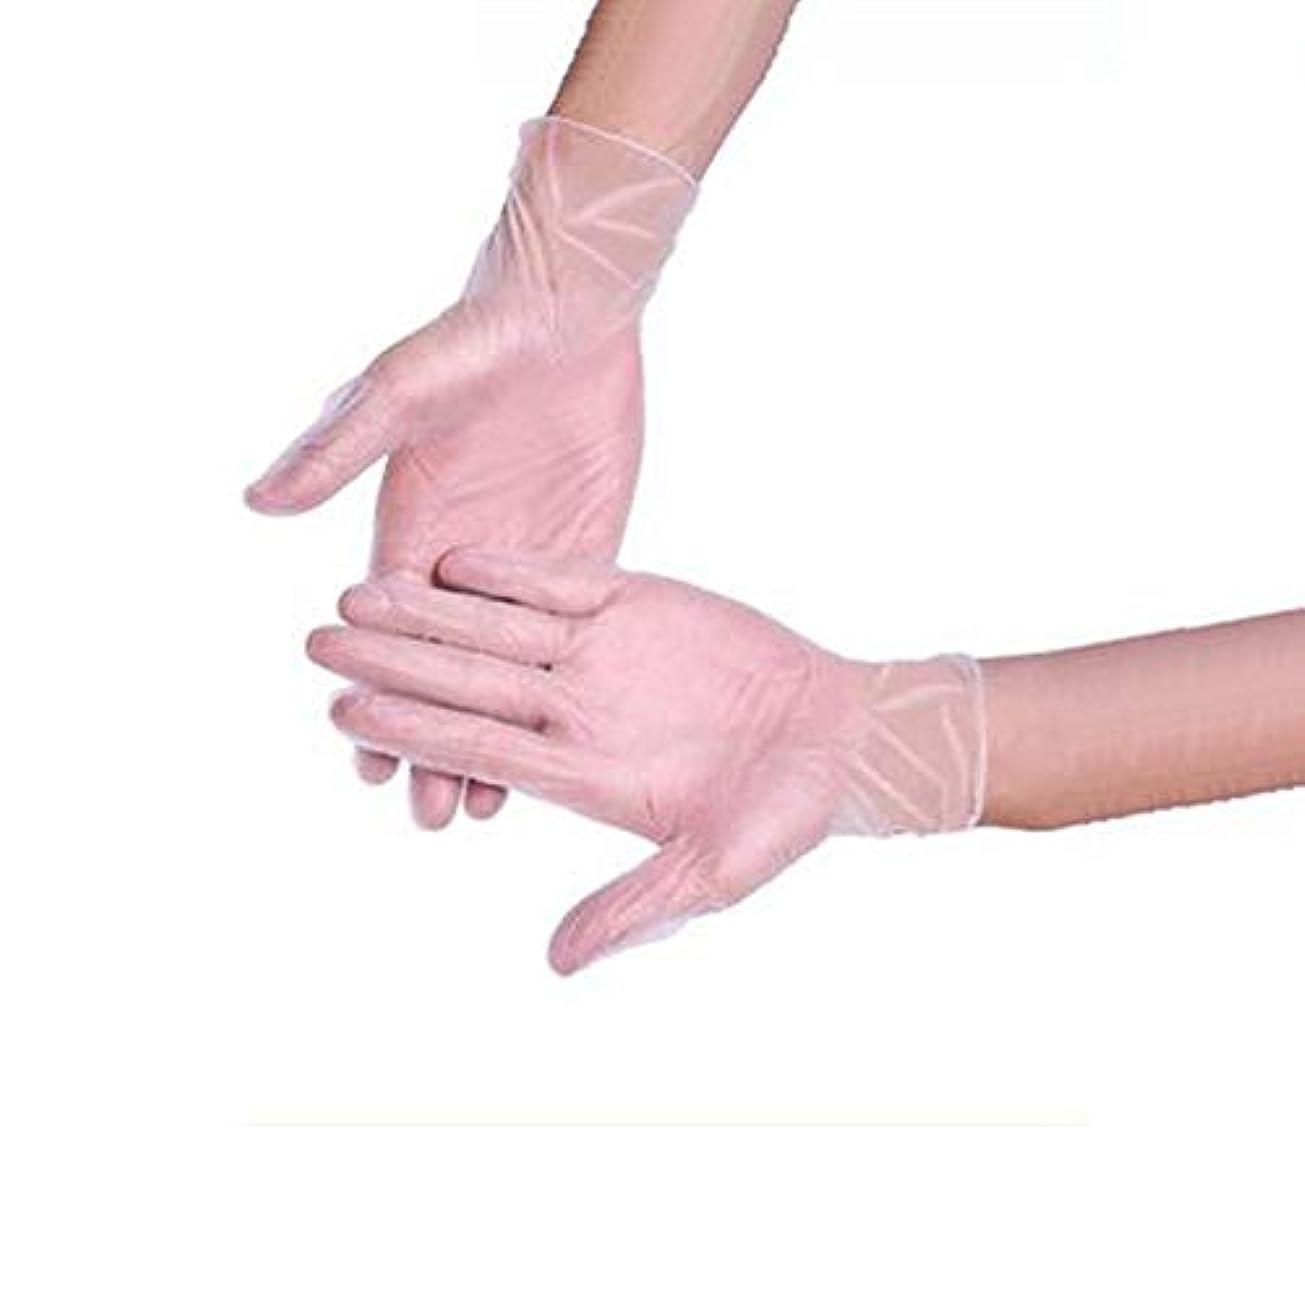 マーキーまともなバクテリア食品ベーキング手袋美容ネイル使い捨て手袋クリーニング帯電防止手袋箱入り500のみ YANW (色 : トランスペアレント, サイズ さいず : Xl xl)